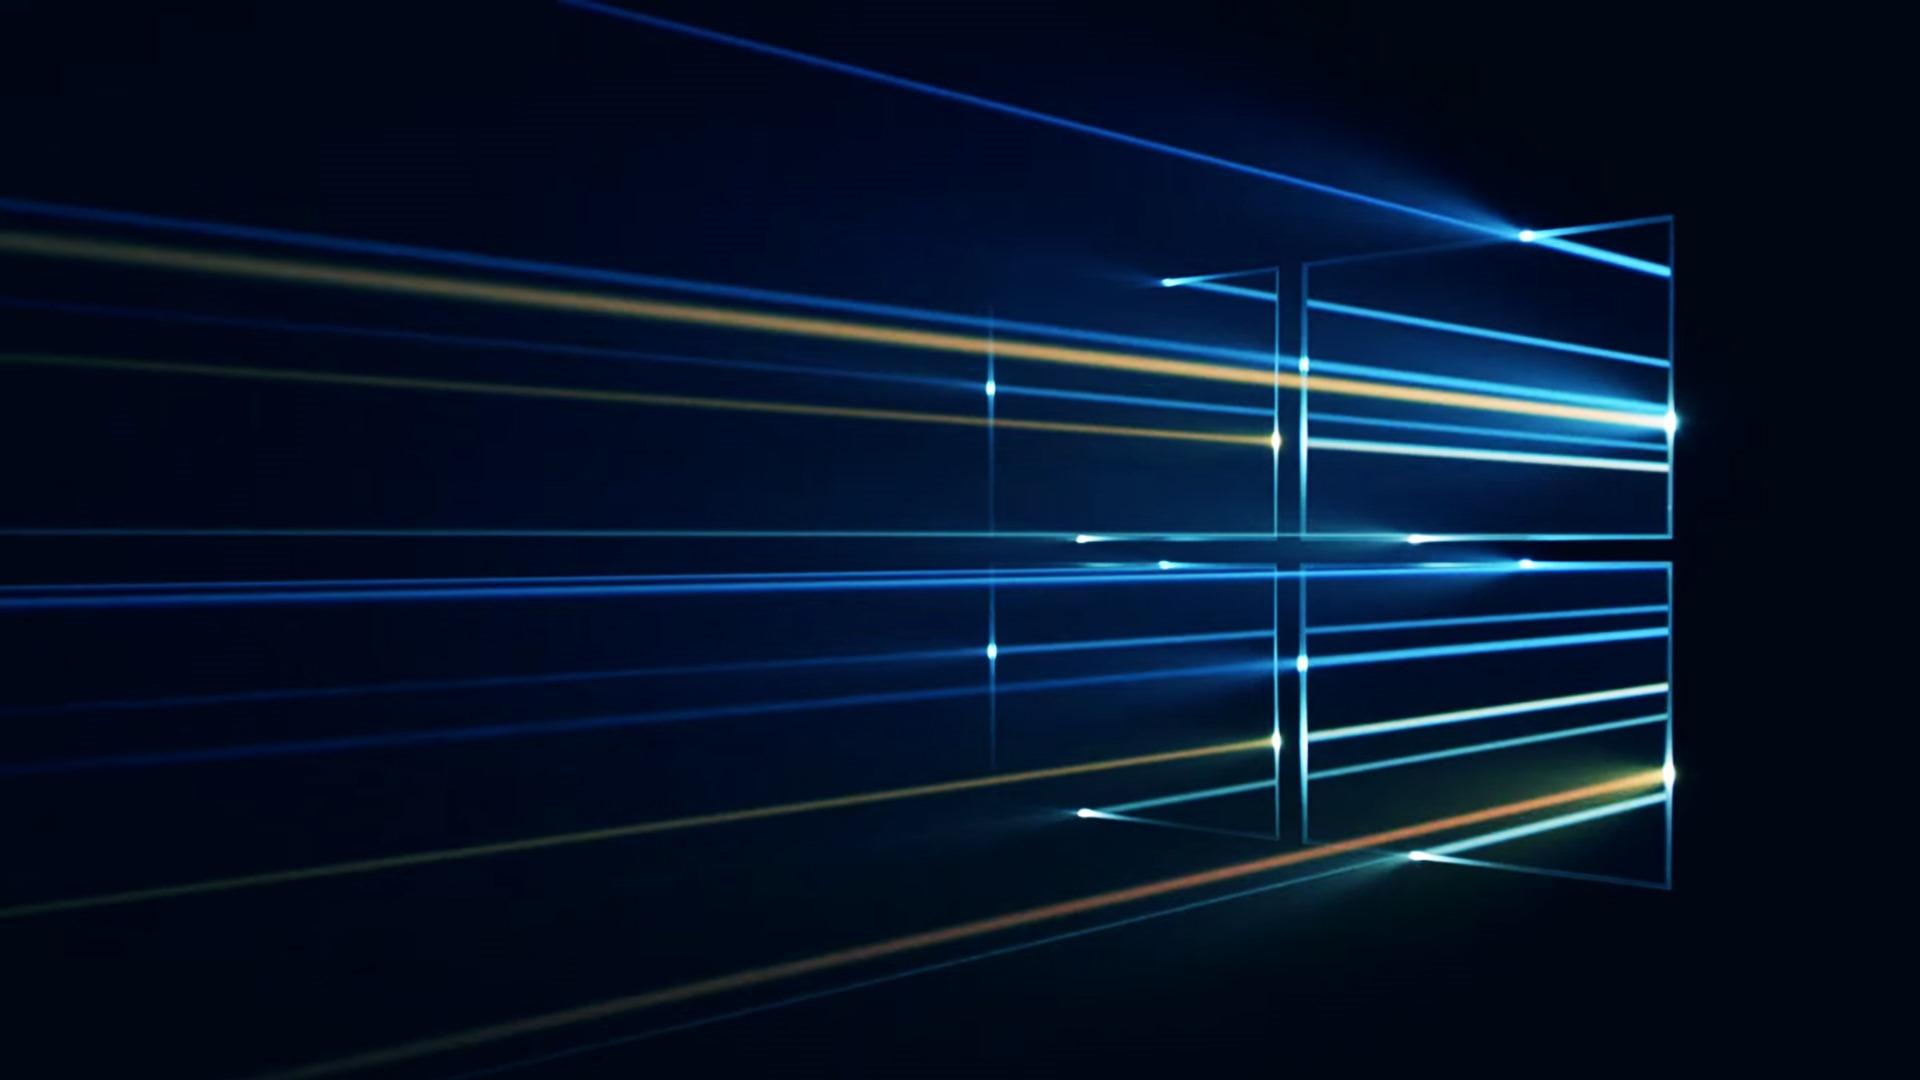 Windows-10 HD Desktop-Hintergrund Sammlung (2) #20